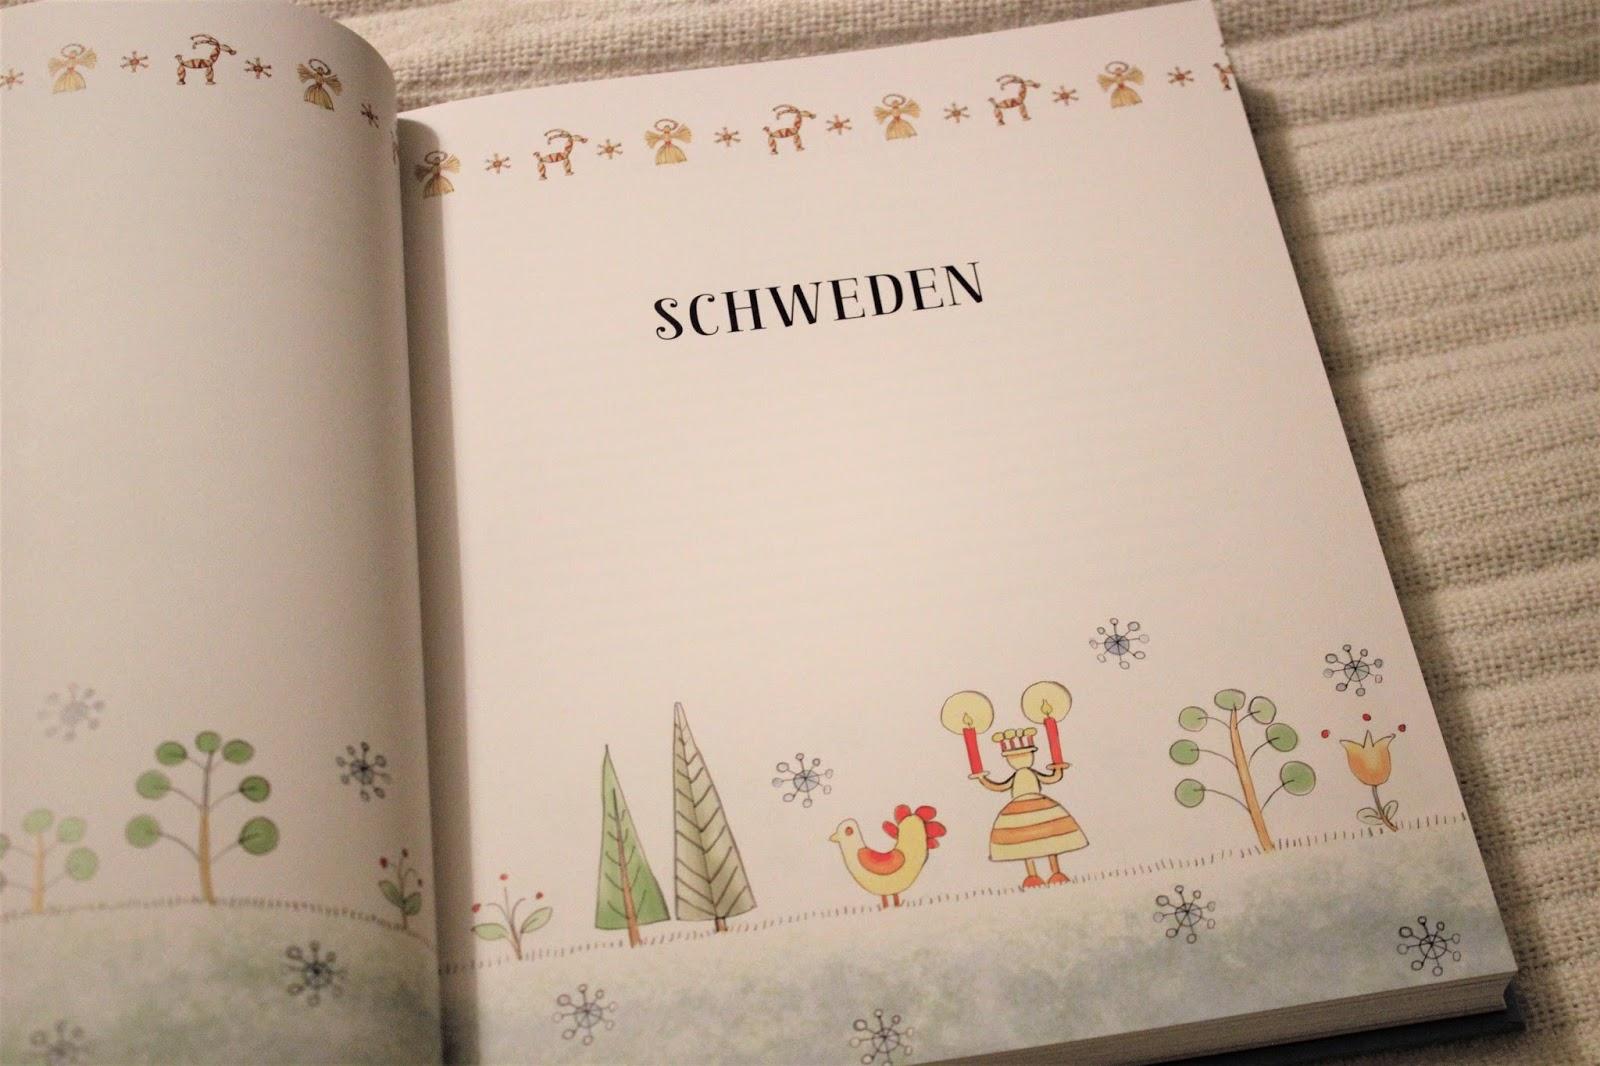 Bucherweihnacht 3 Skandinavisch Lweihnachten Feiern